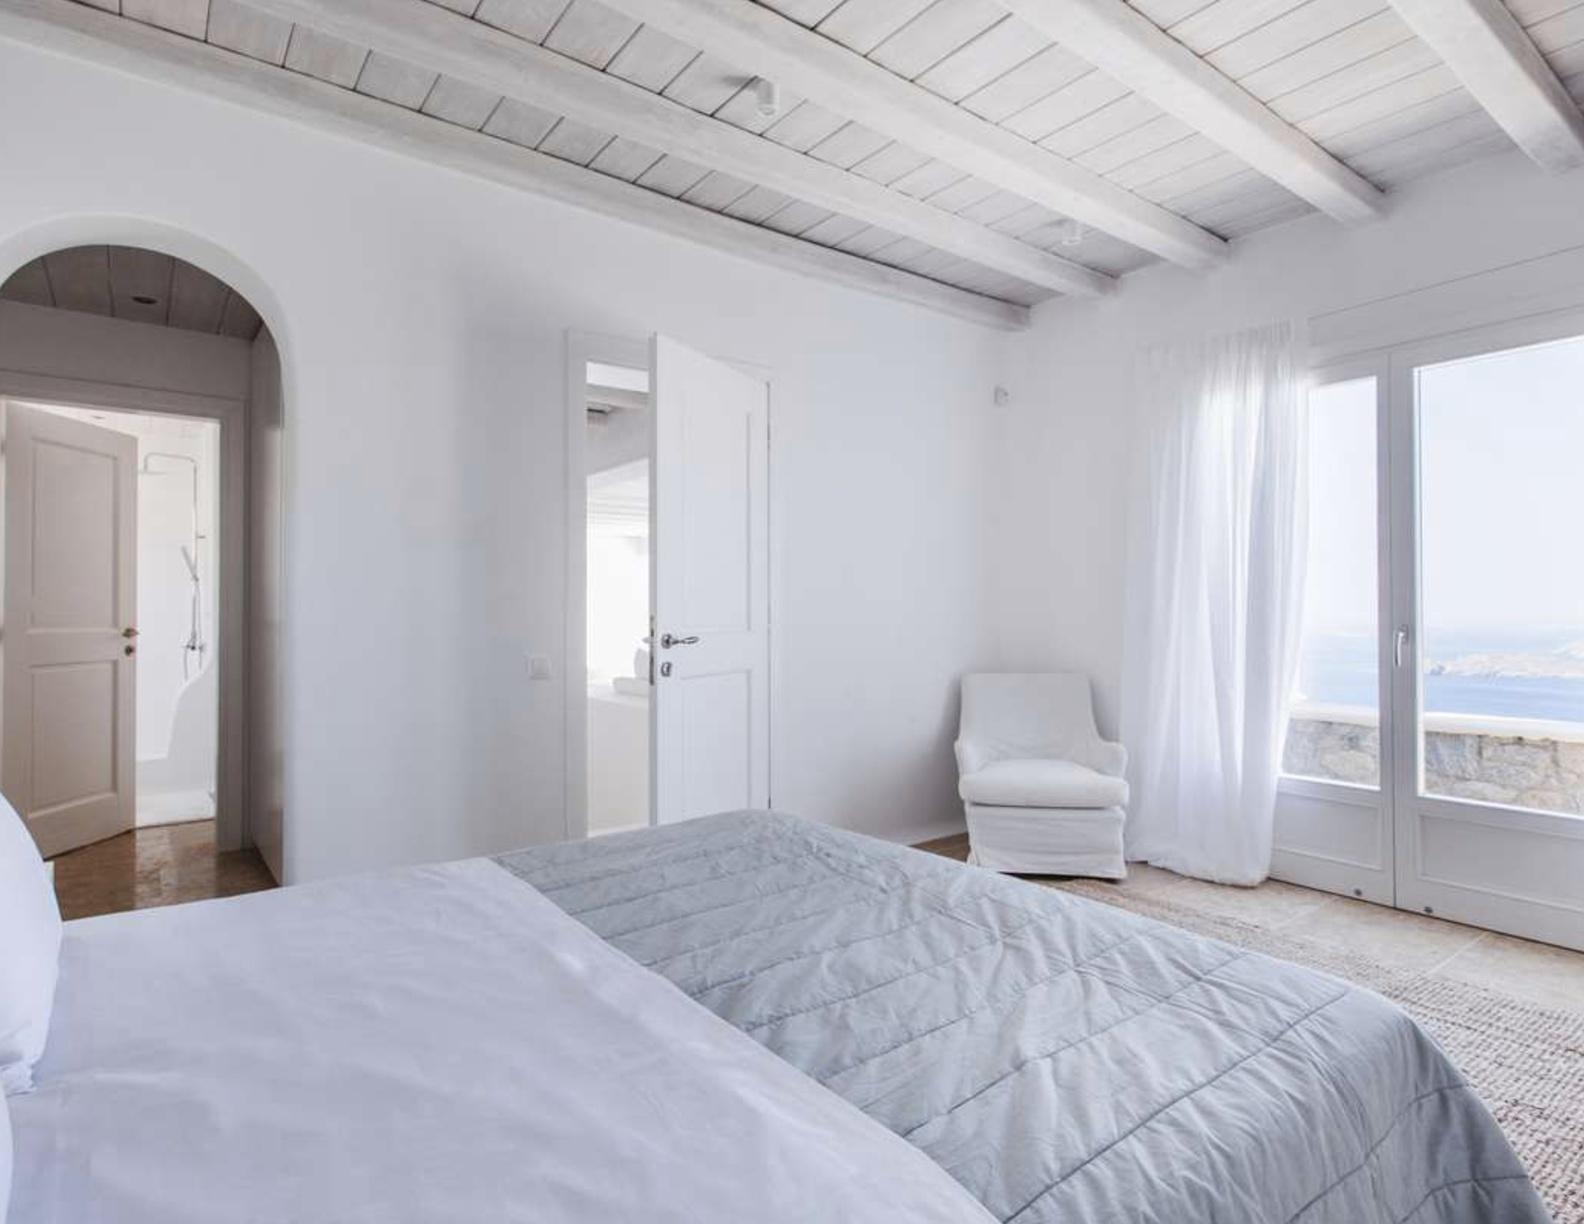 Villa-Era-Mykonos-ilovepdf-compressed-020